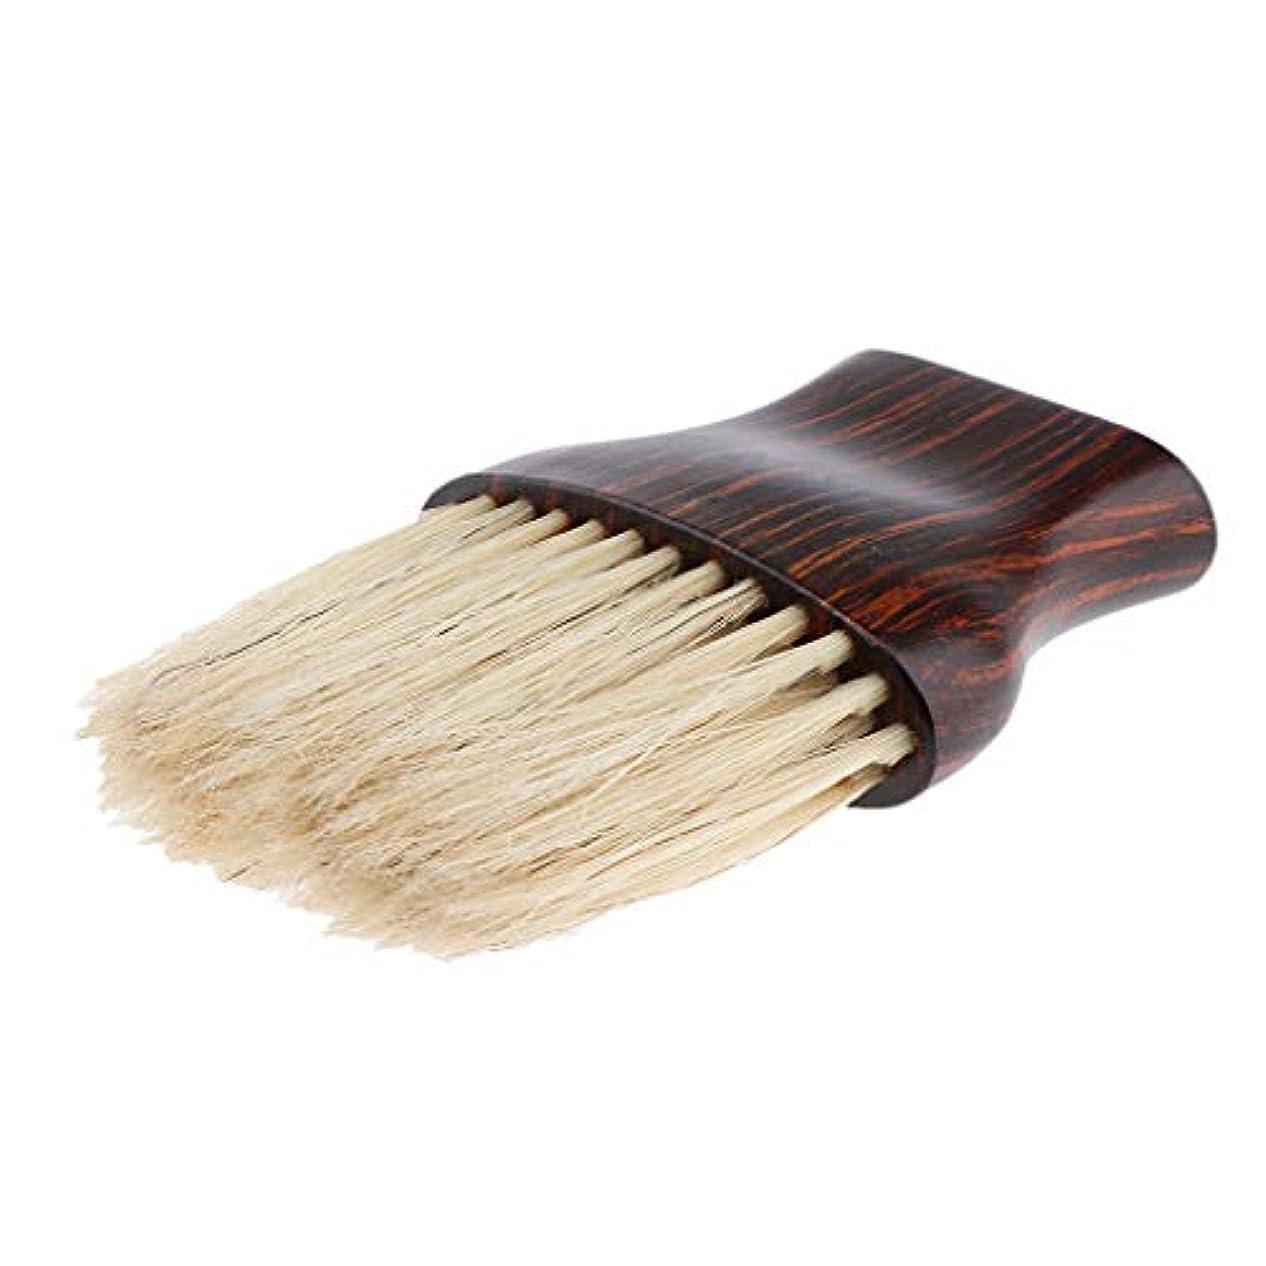 省略恐怖症悪化するネックダスターブラシ 柔らかい繊維 ヘアブラシ 木製ハンドル 快適